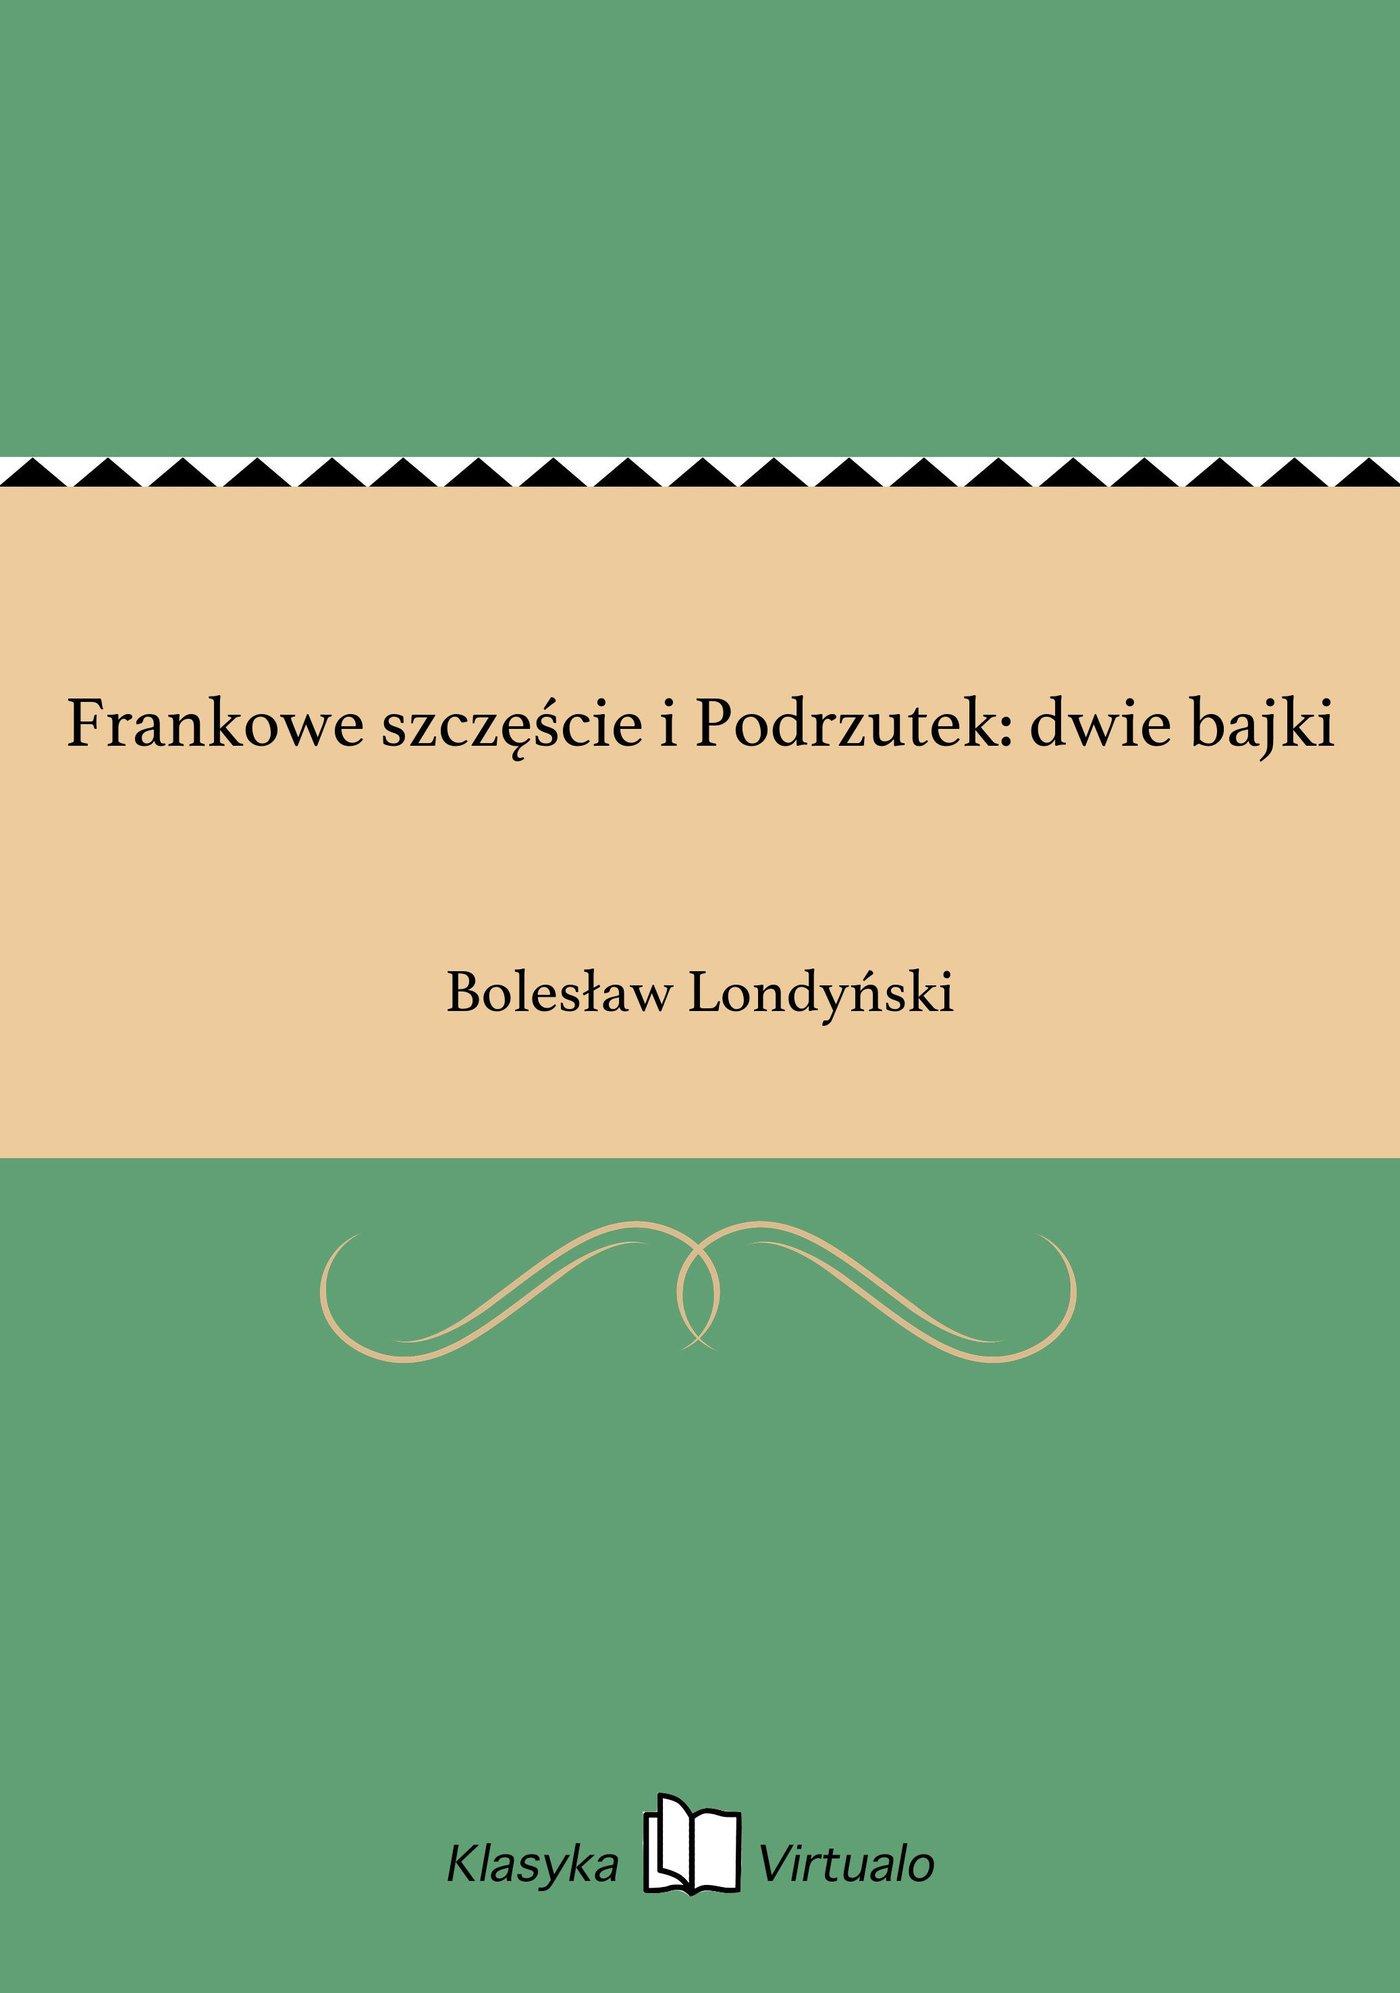 Frankowe szczęście i Podrzutek: dwie bajki - Ebook (Książka EPUB) do pobrania w formacie EPUB